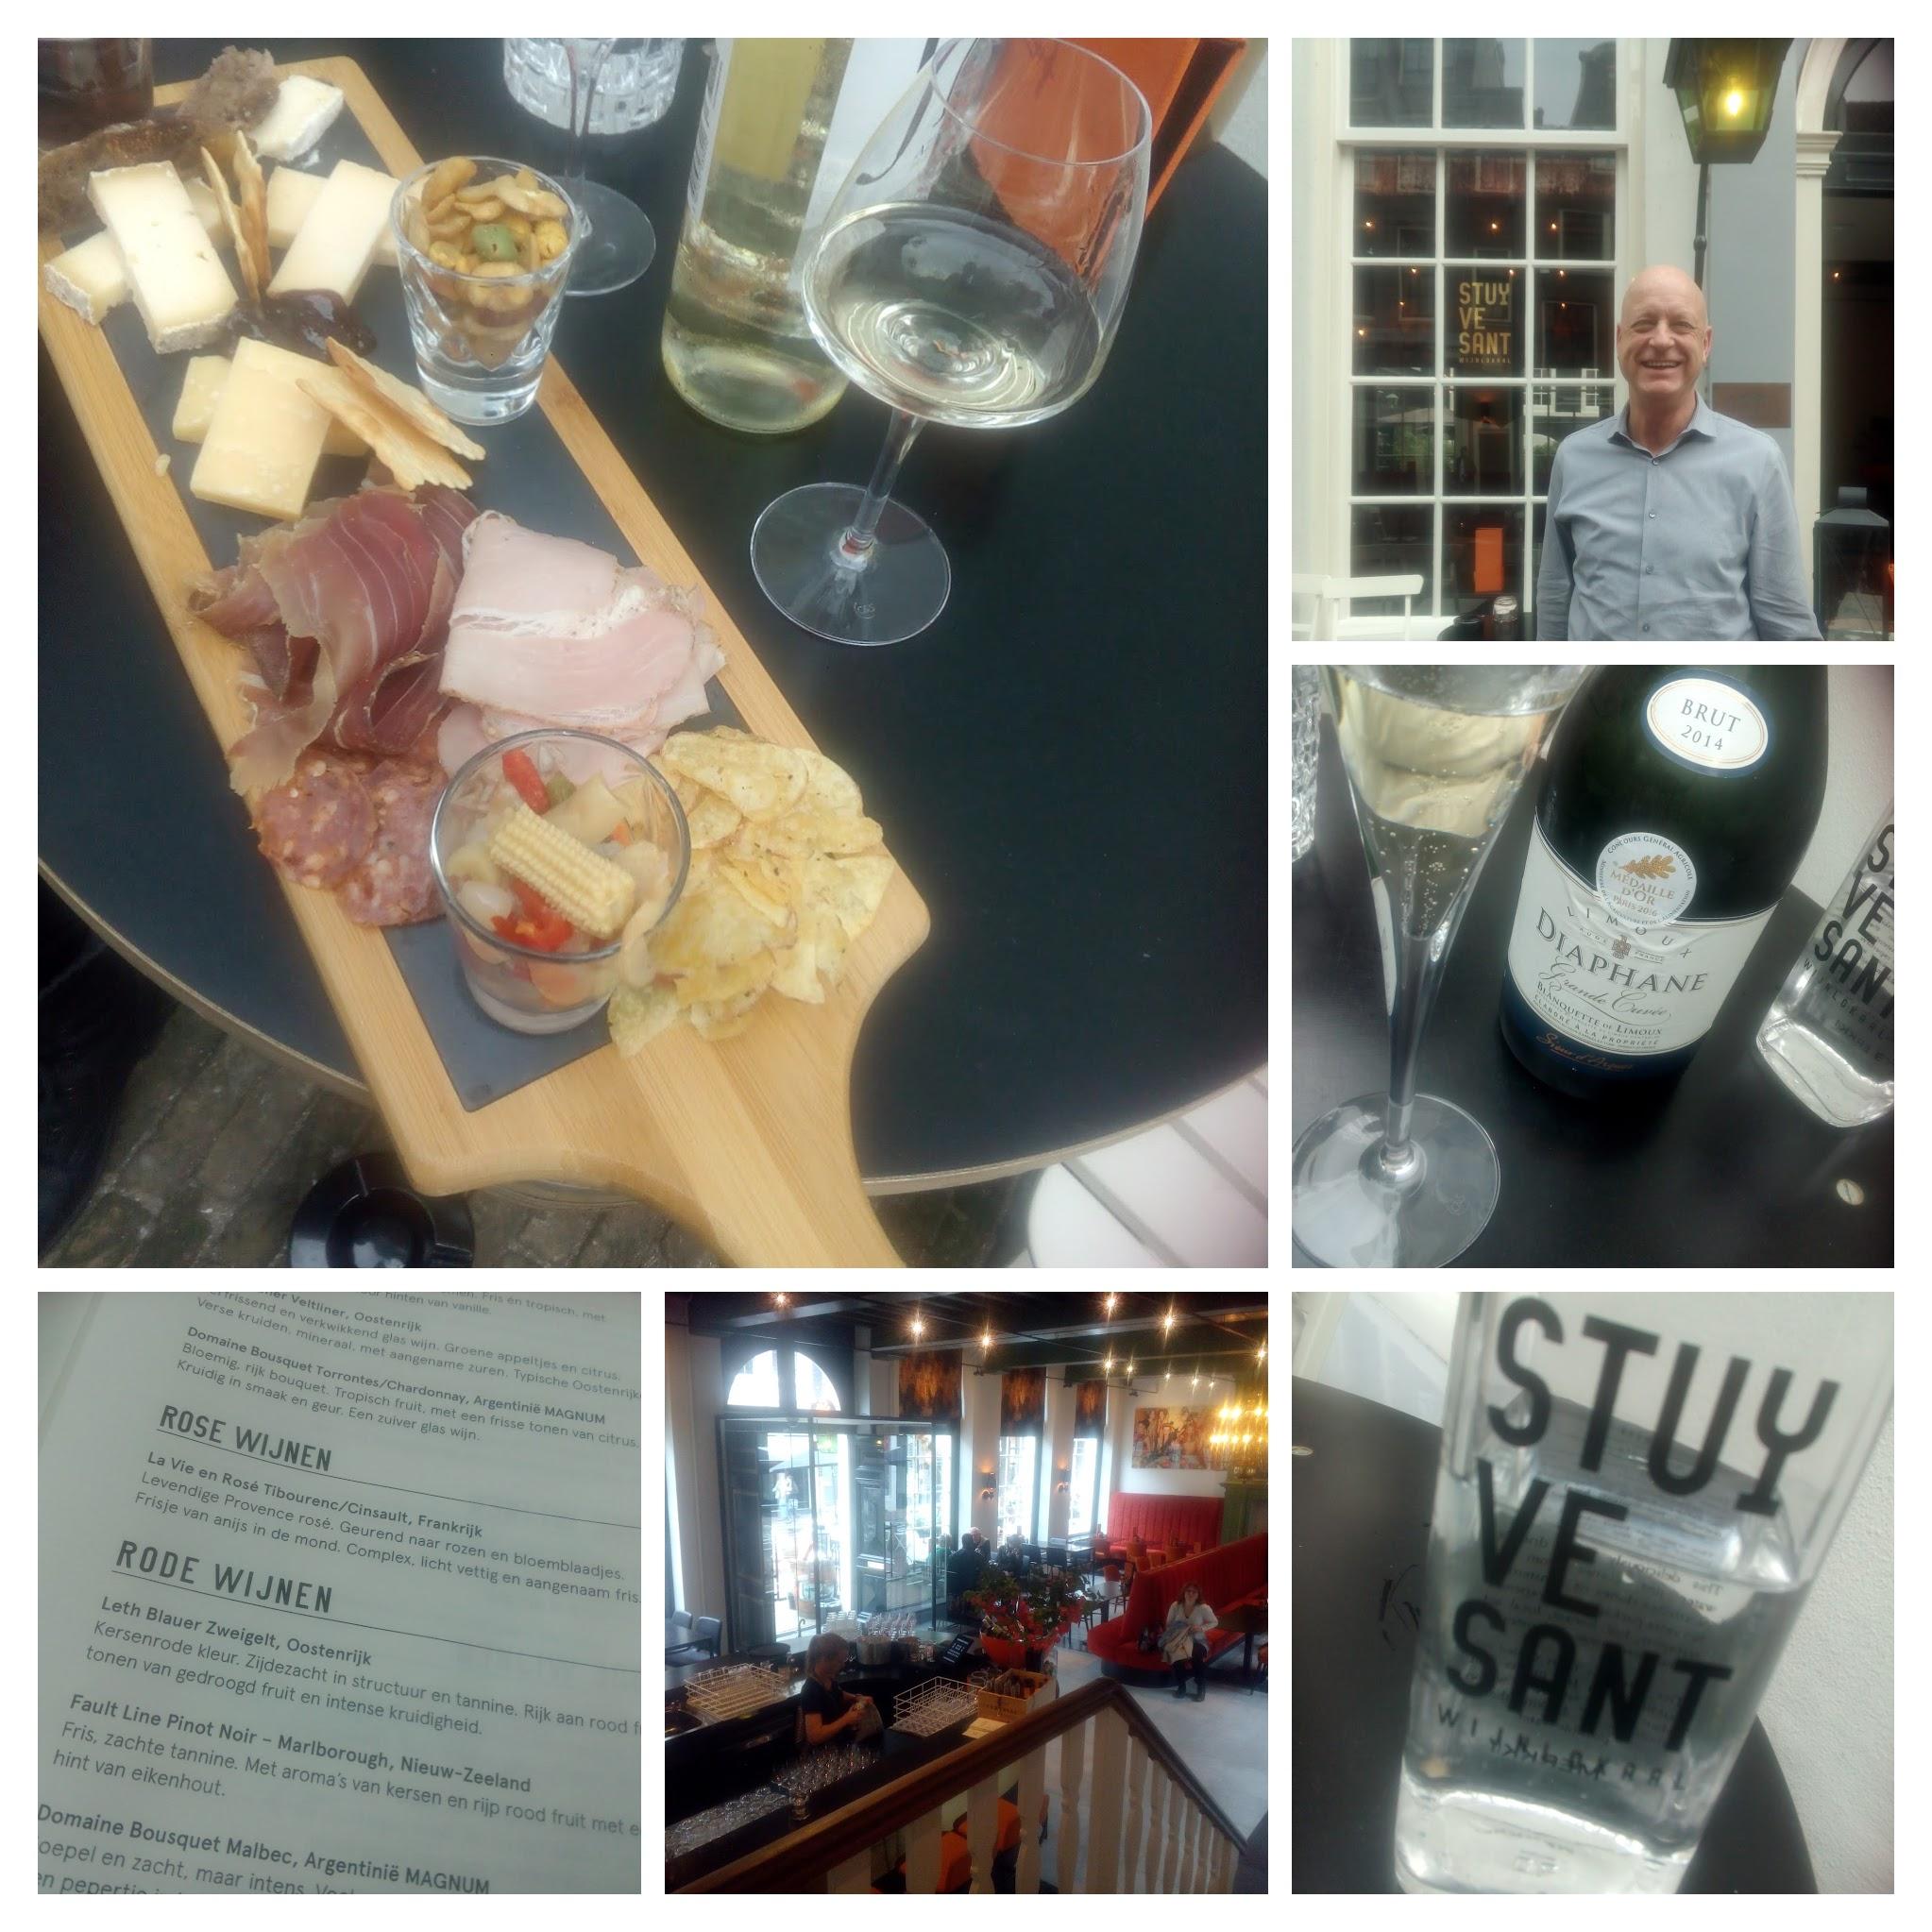 lekker-drinken-en-eten-bij-het-stuyvesant-wijnlokaal